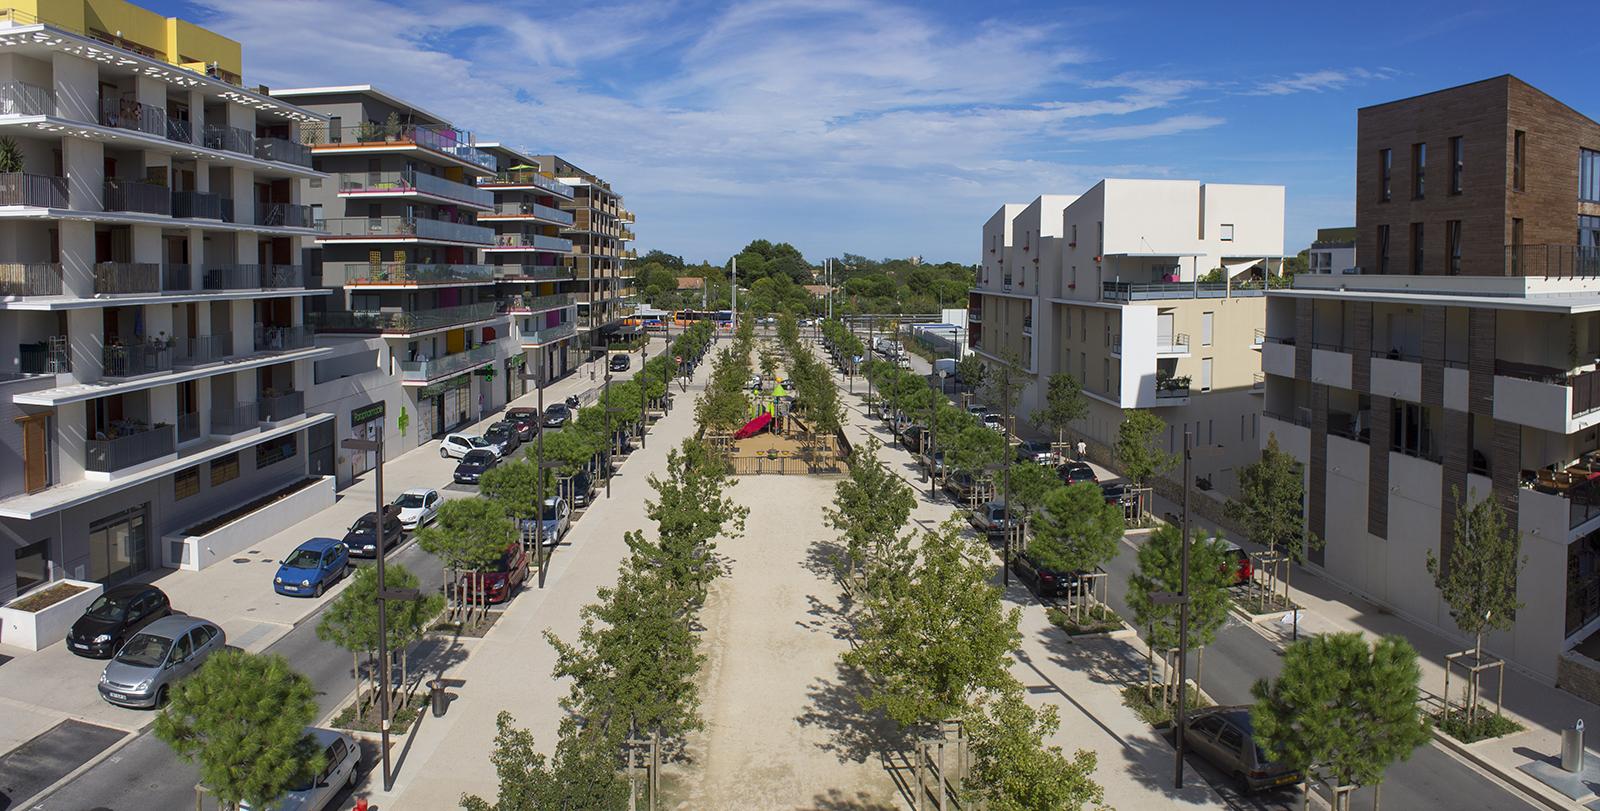 Photographie aérienne par drone du quartier les grisettes à Montpellier.